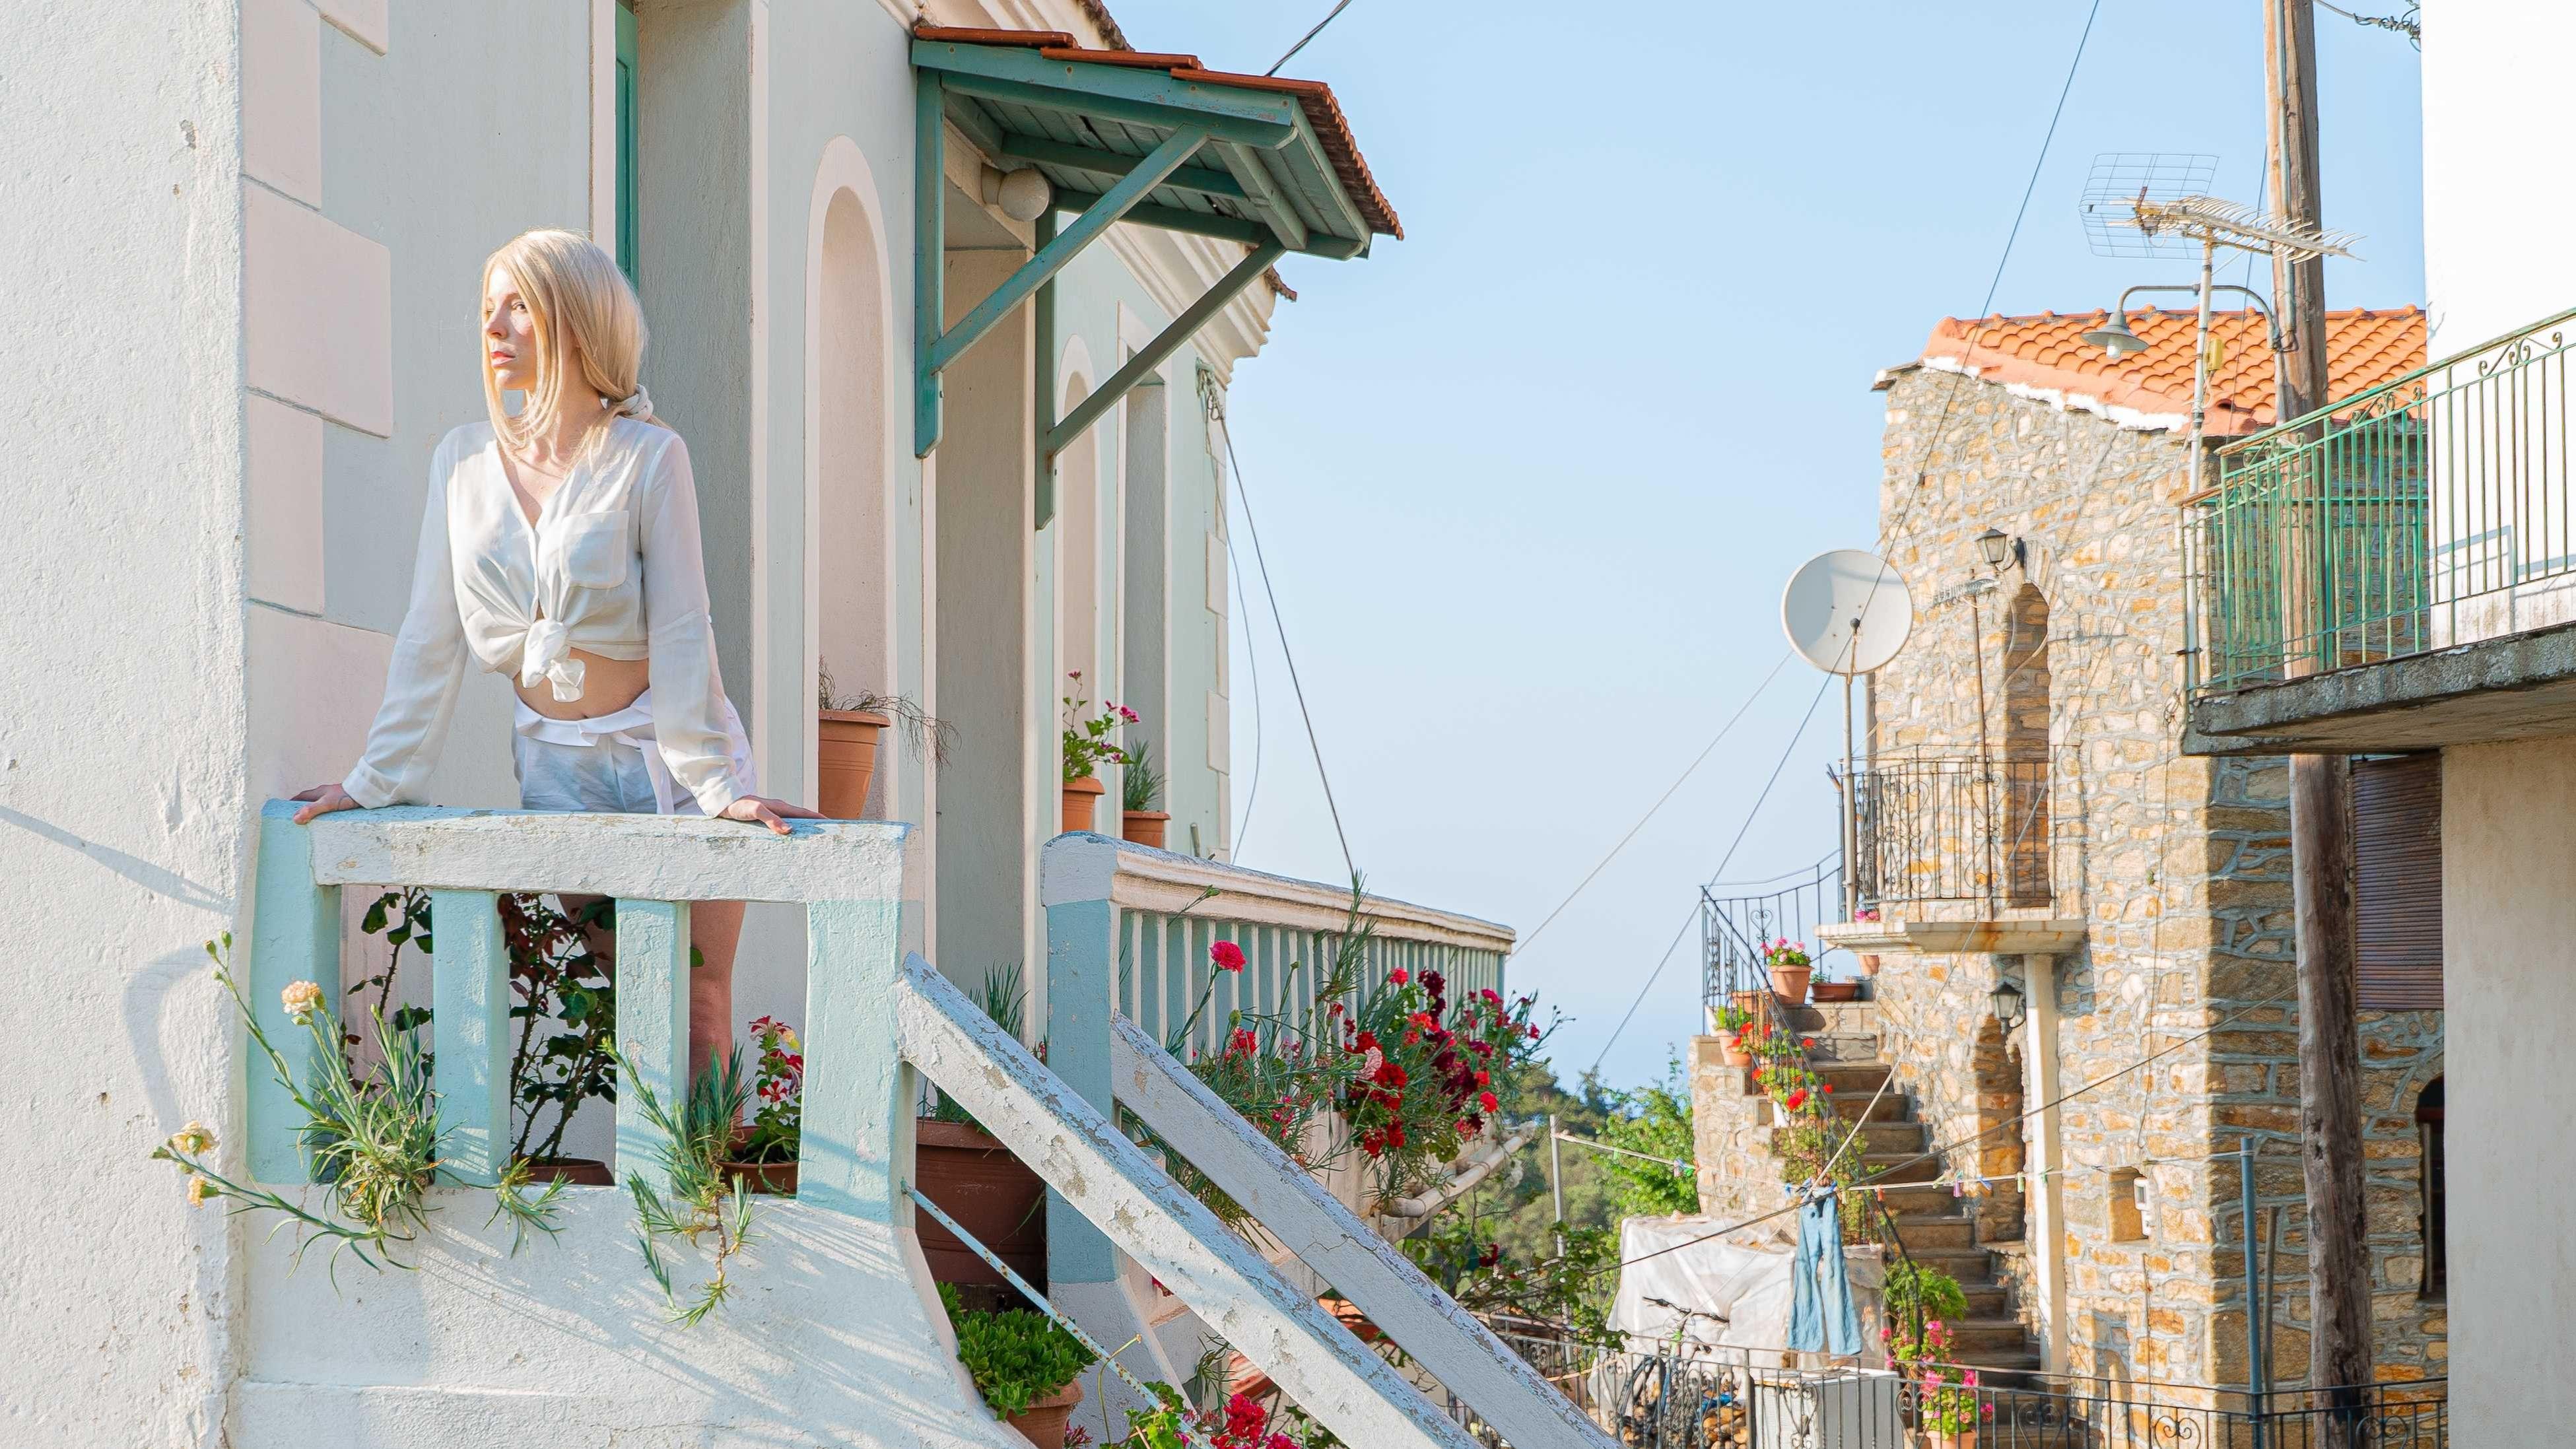 Ikaria: Forever young, eine Reise in die blauen Zonen